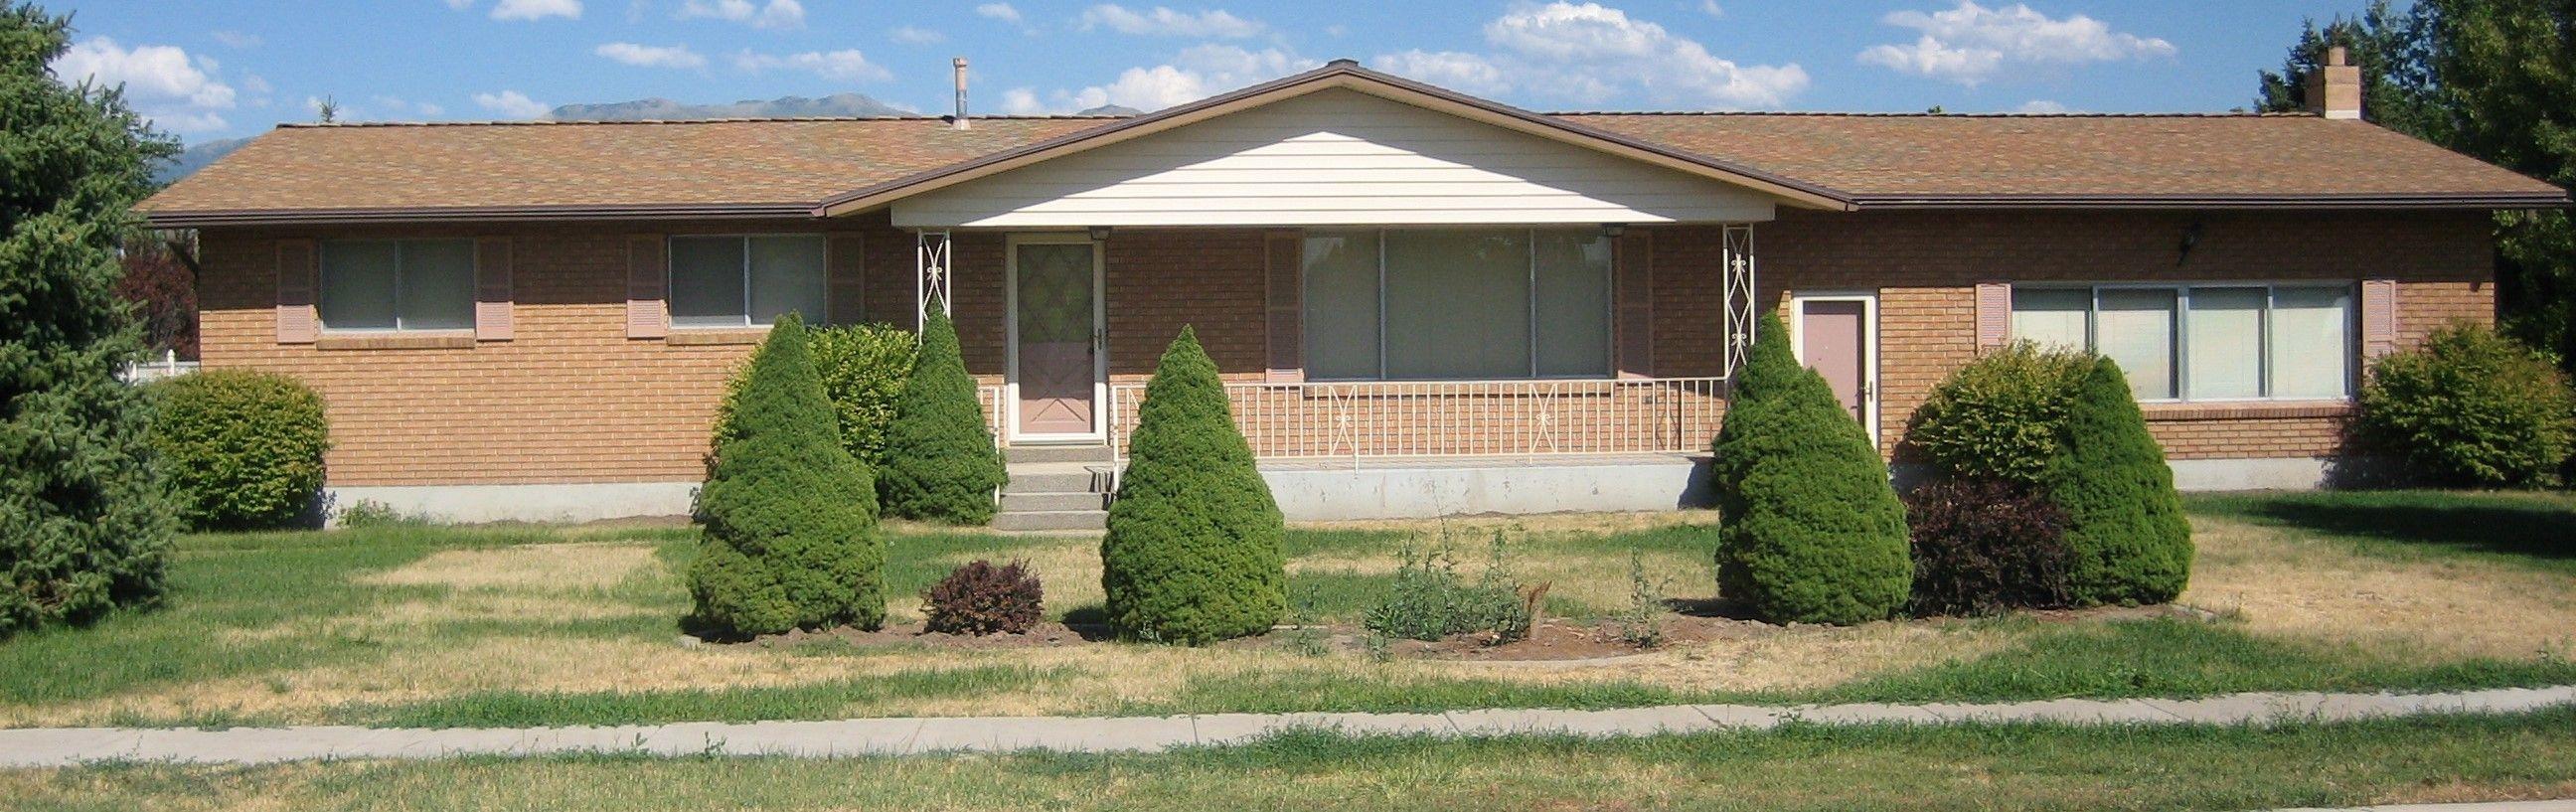 Cash-For-Houses-in-Salt-Lake-City